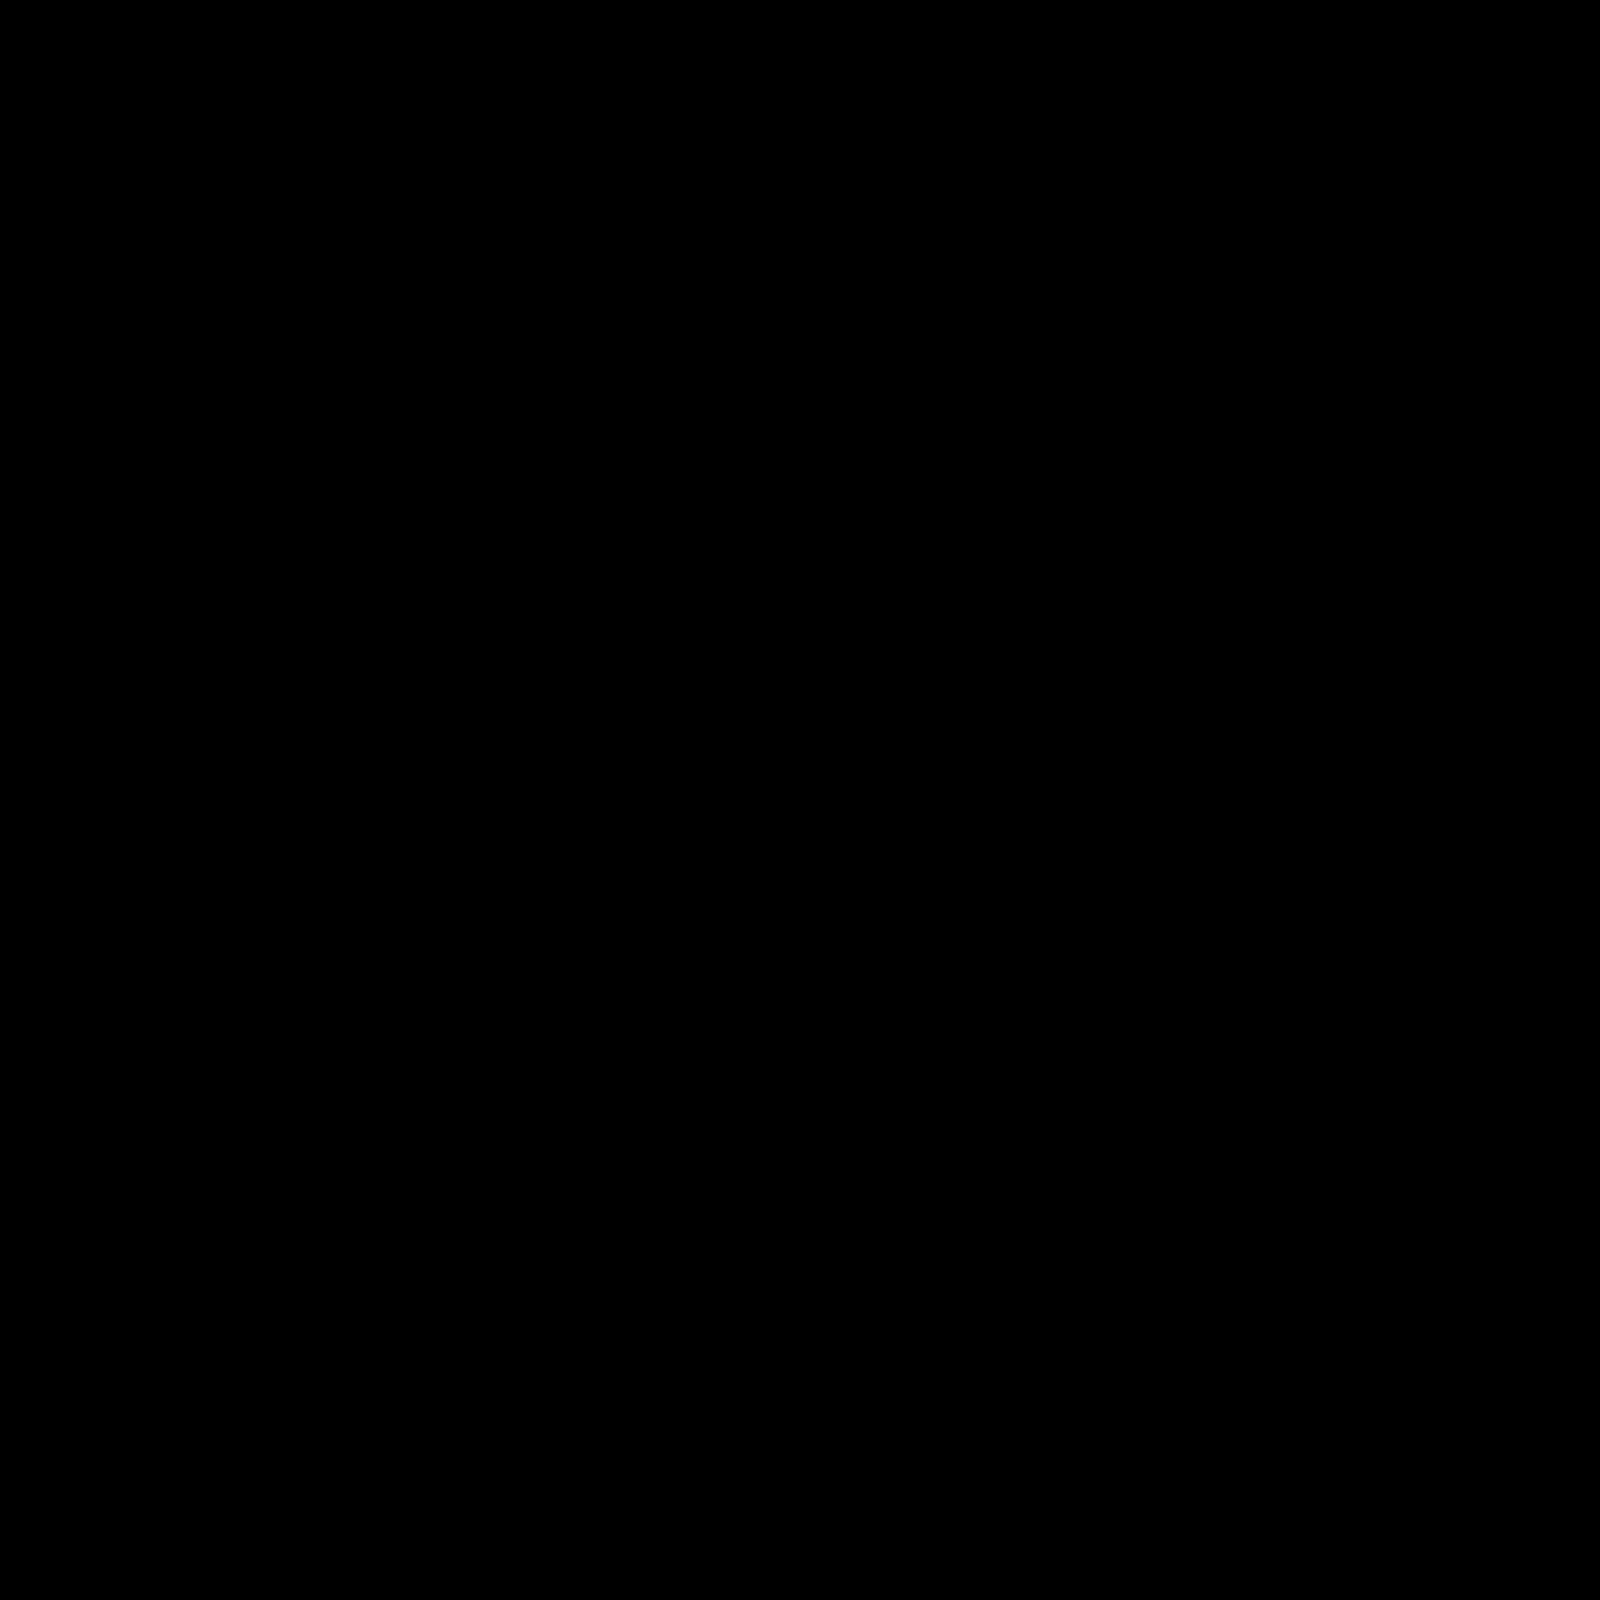 Quemador Trangia icon